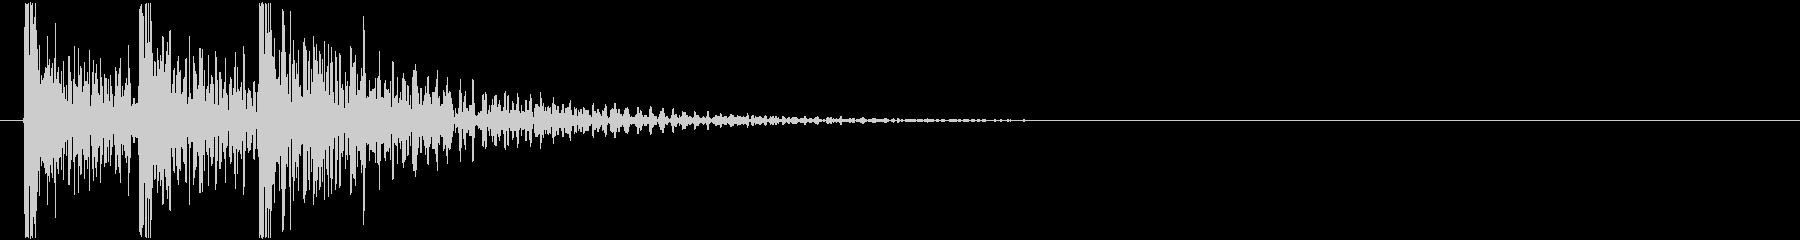 ドンドンドン! (扉をノック・3回)-Bの未再生の波形